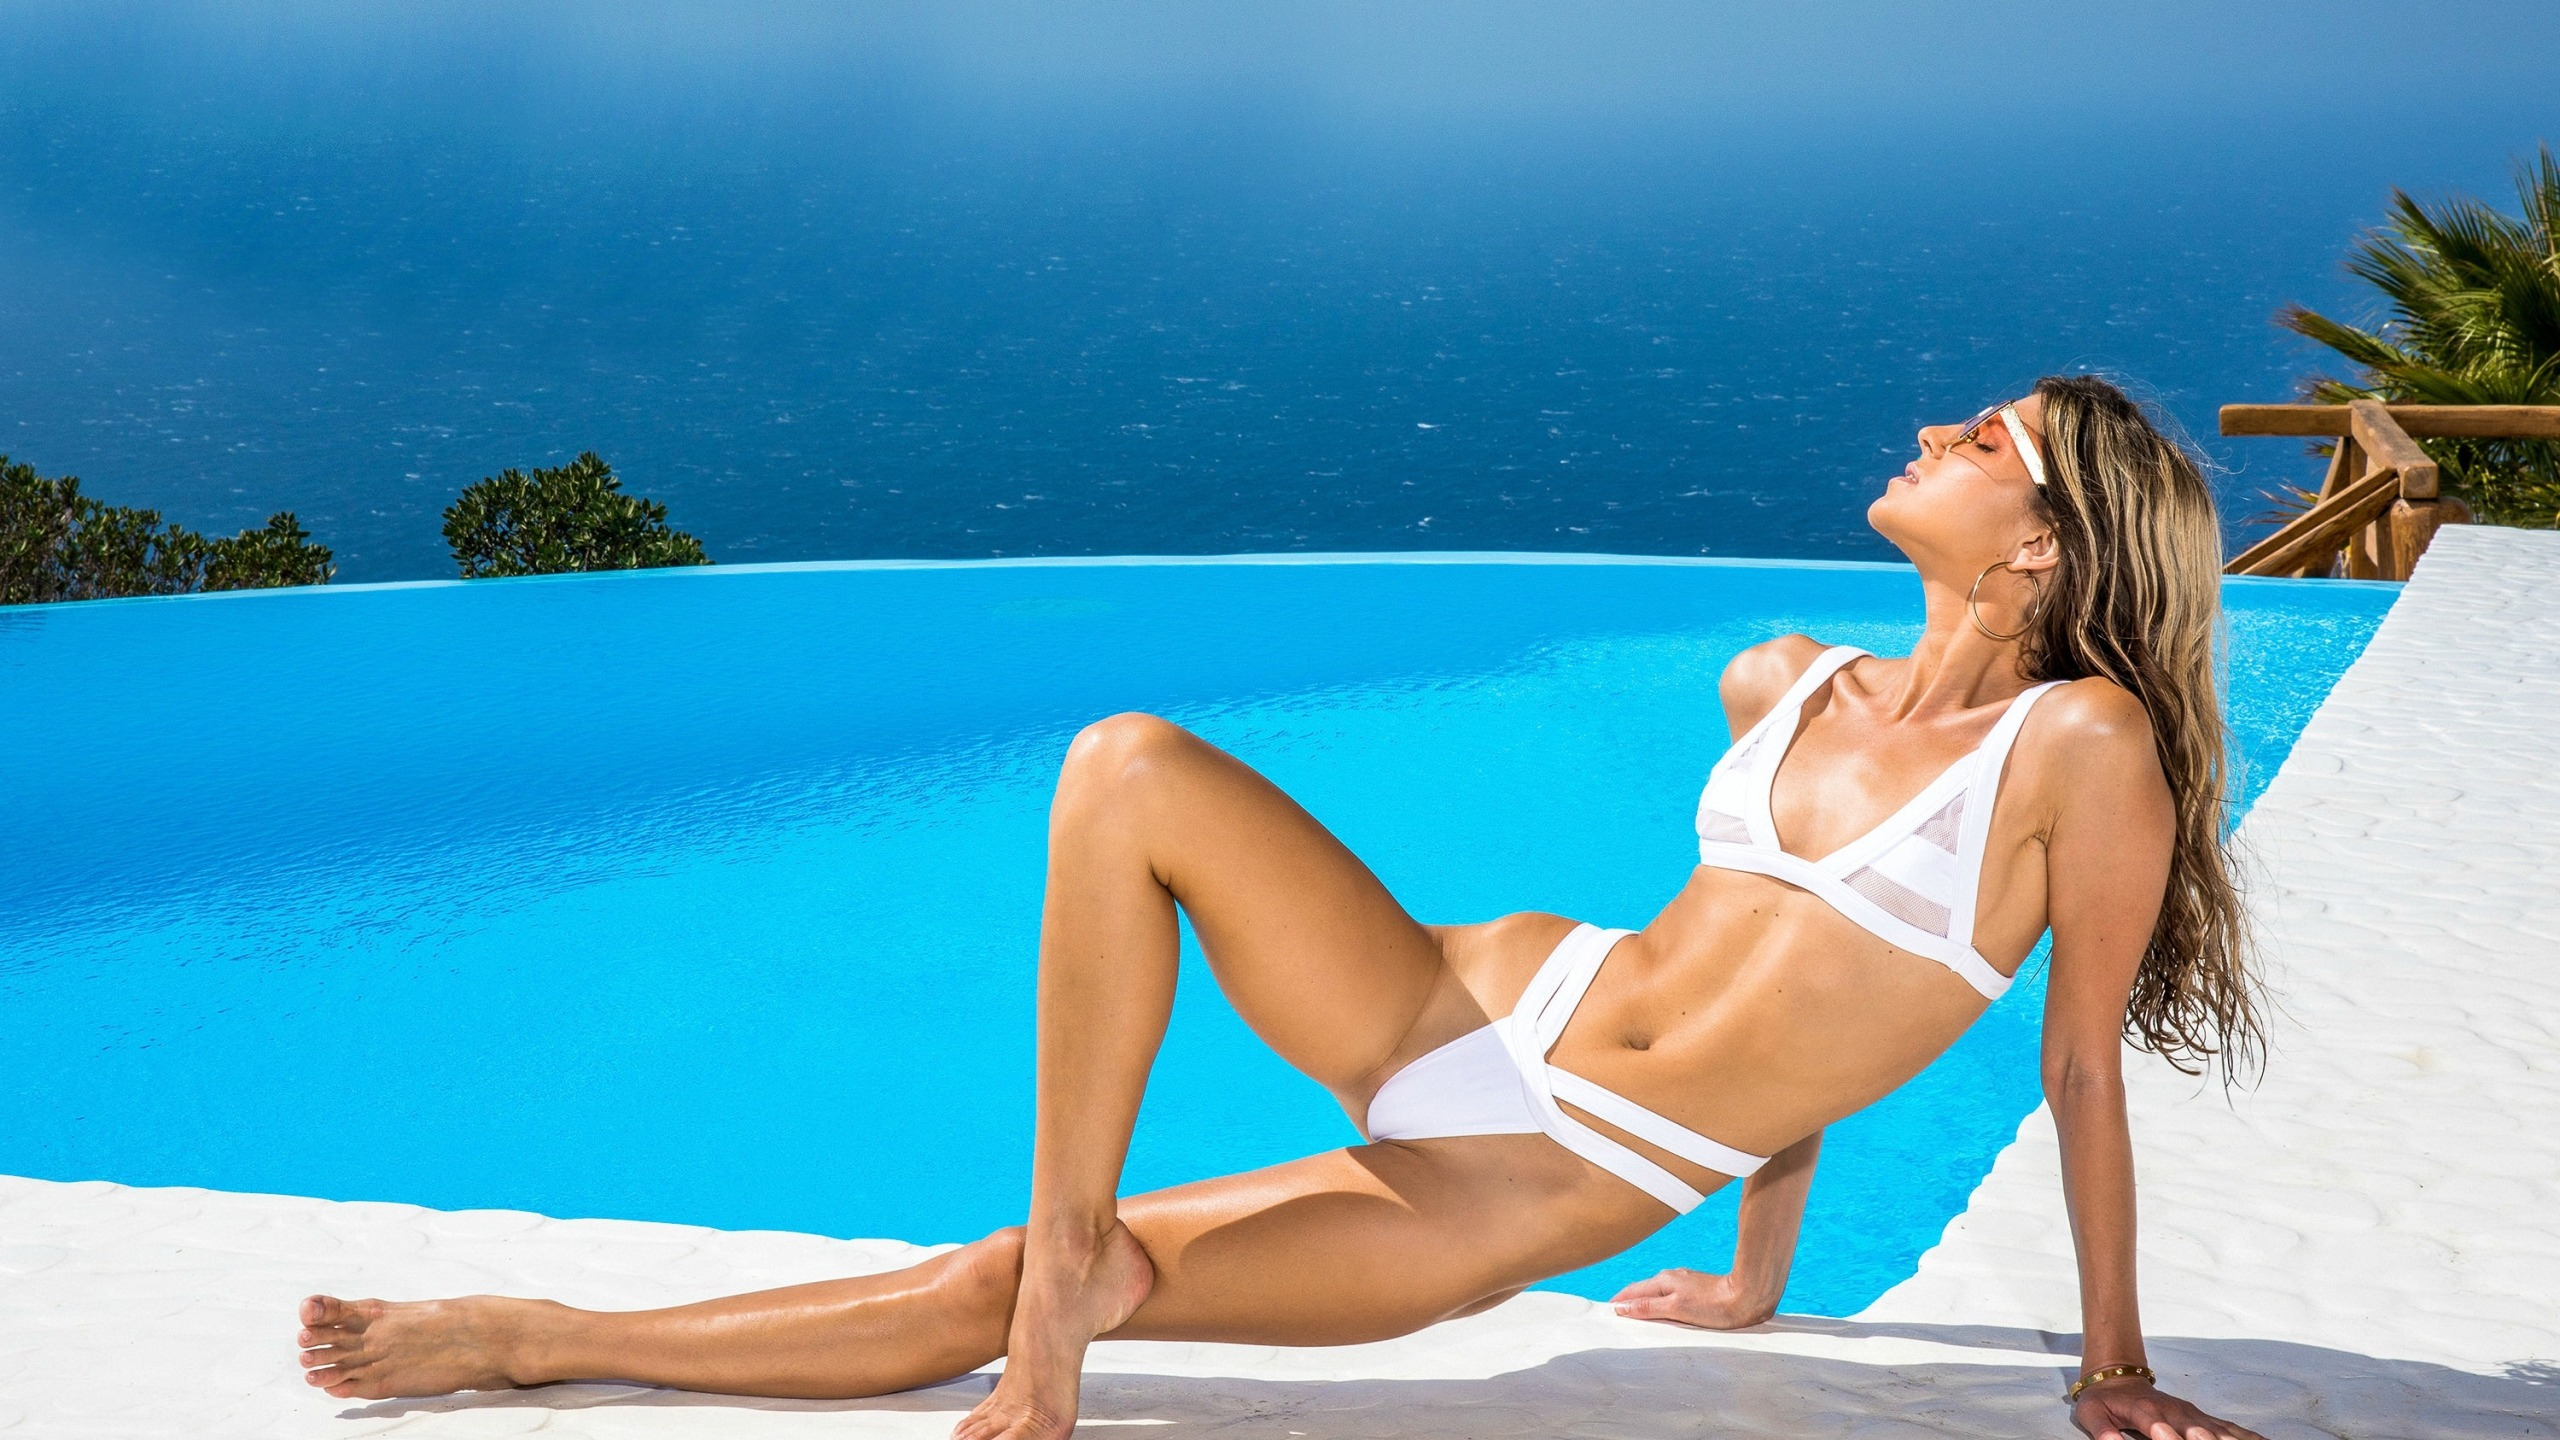 Gina Gerson en bikini